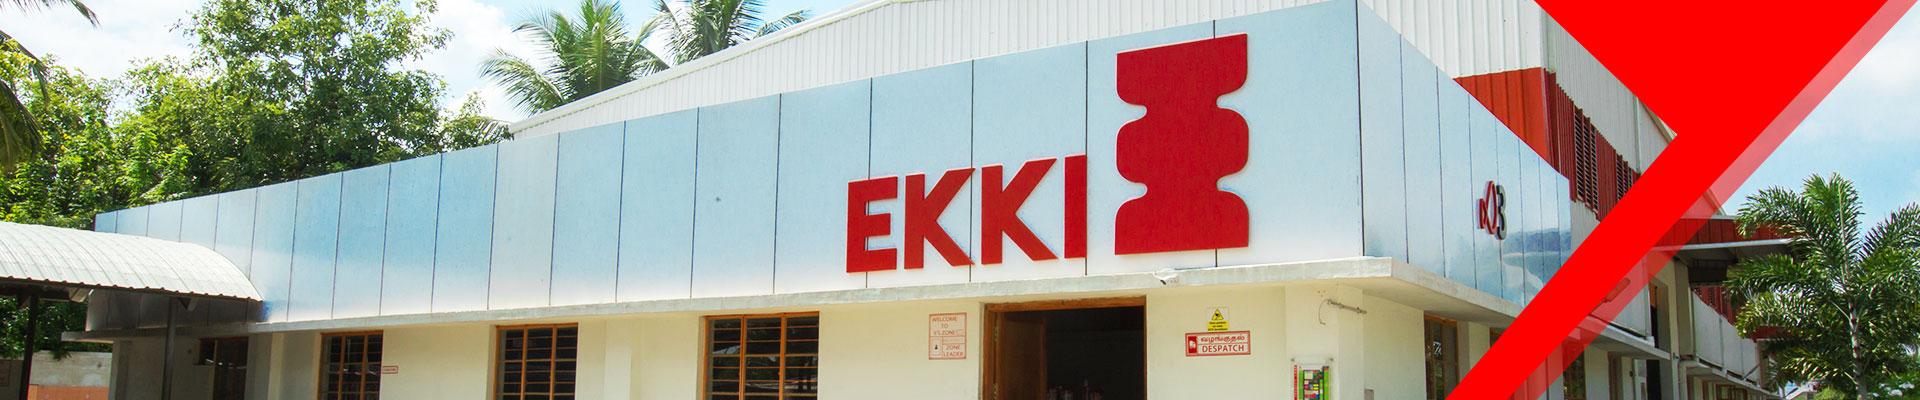 About EKKI